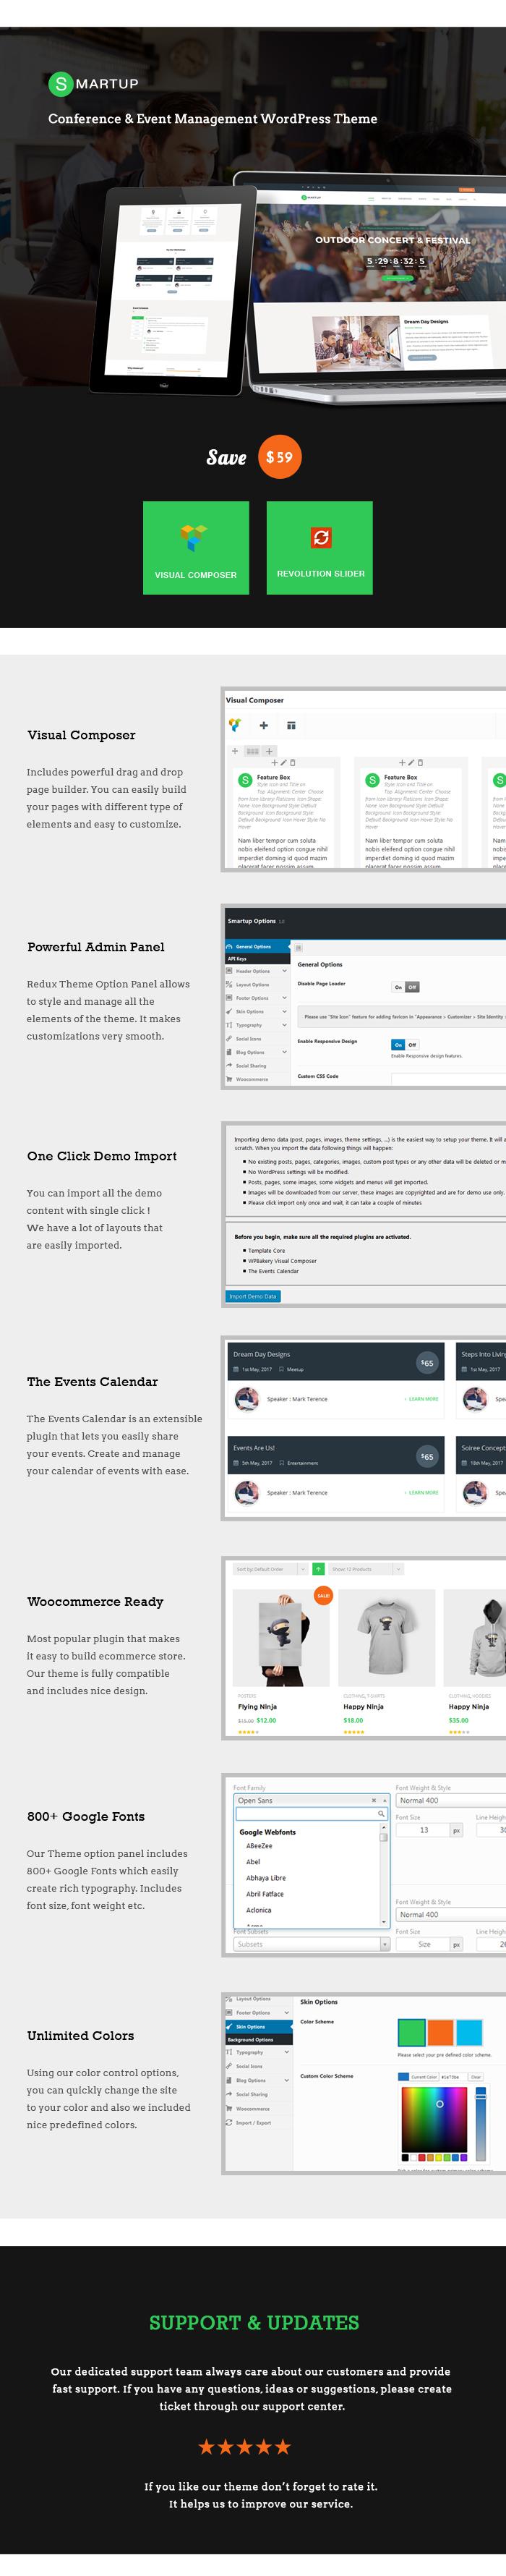 Smart Up - Konferenz- und Veranstaltungsmanagement WordPress Layout